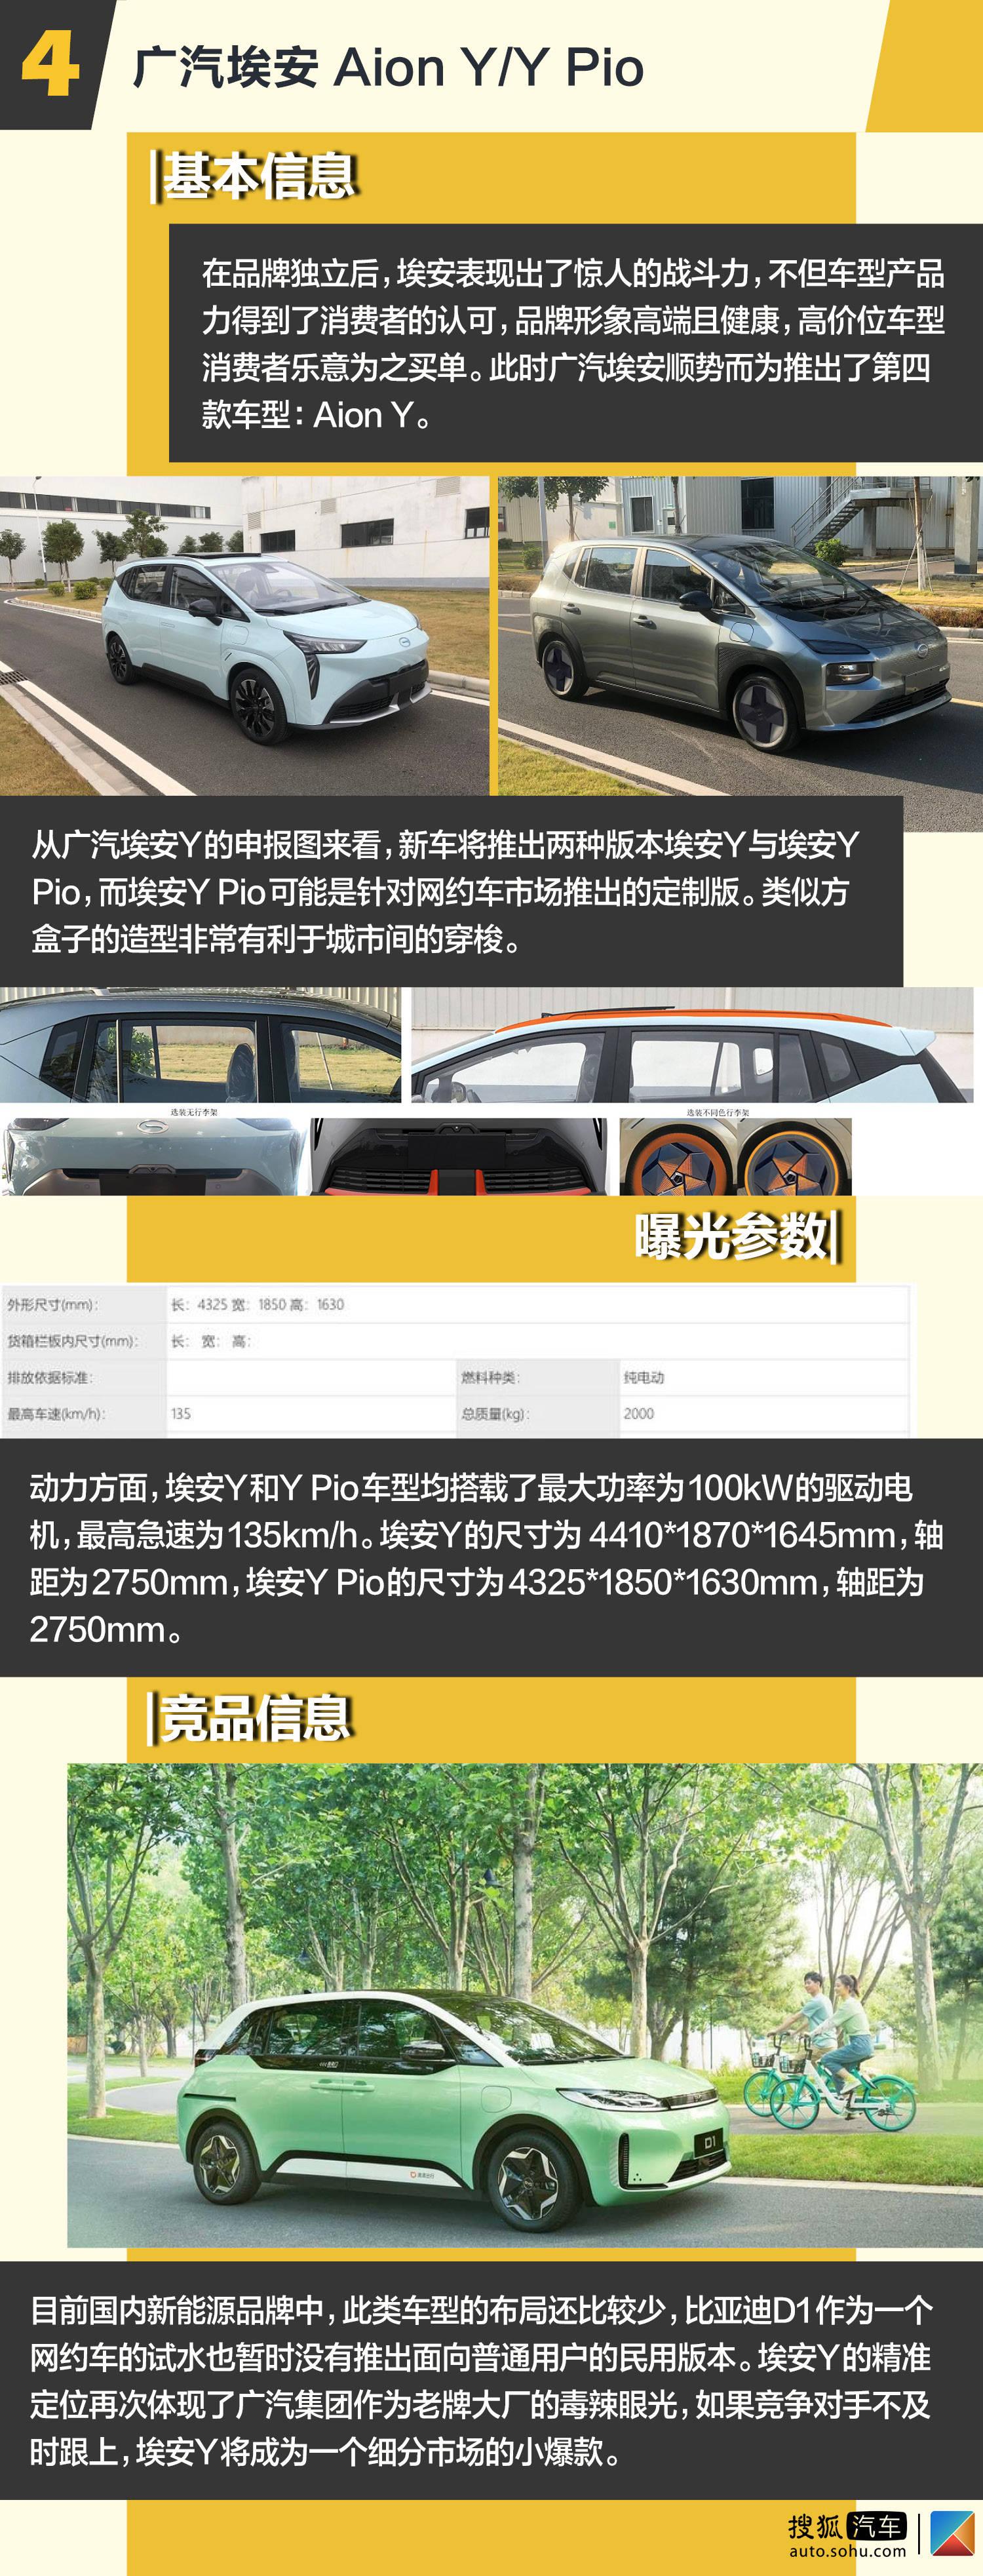 中国十年人口大迁徙!149市人口减少,她们来到哪儿